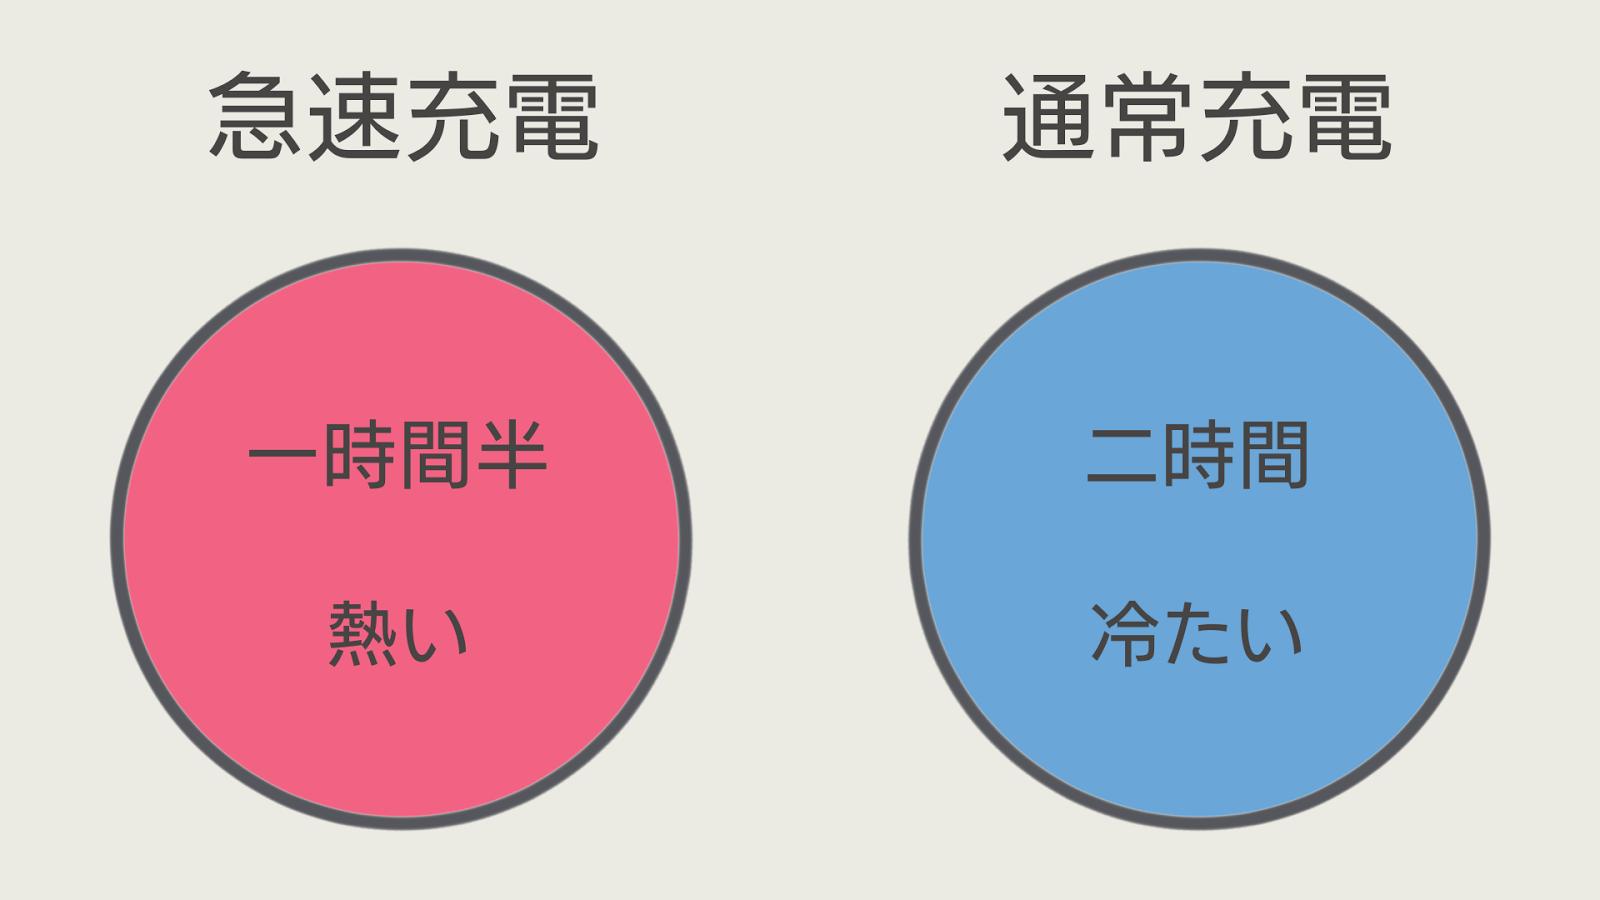 急速充電と通常充電の完了時間と温度:一時間半で熱いという赤い丸と二時間で冷たいという青い丸